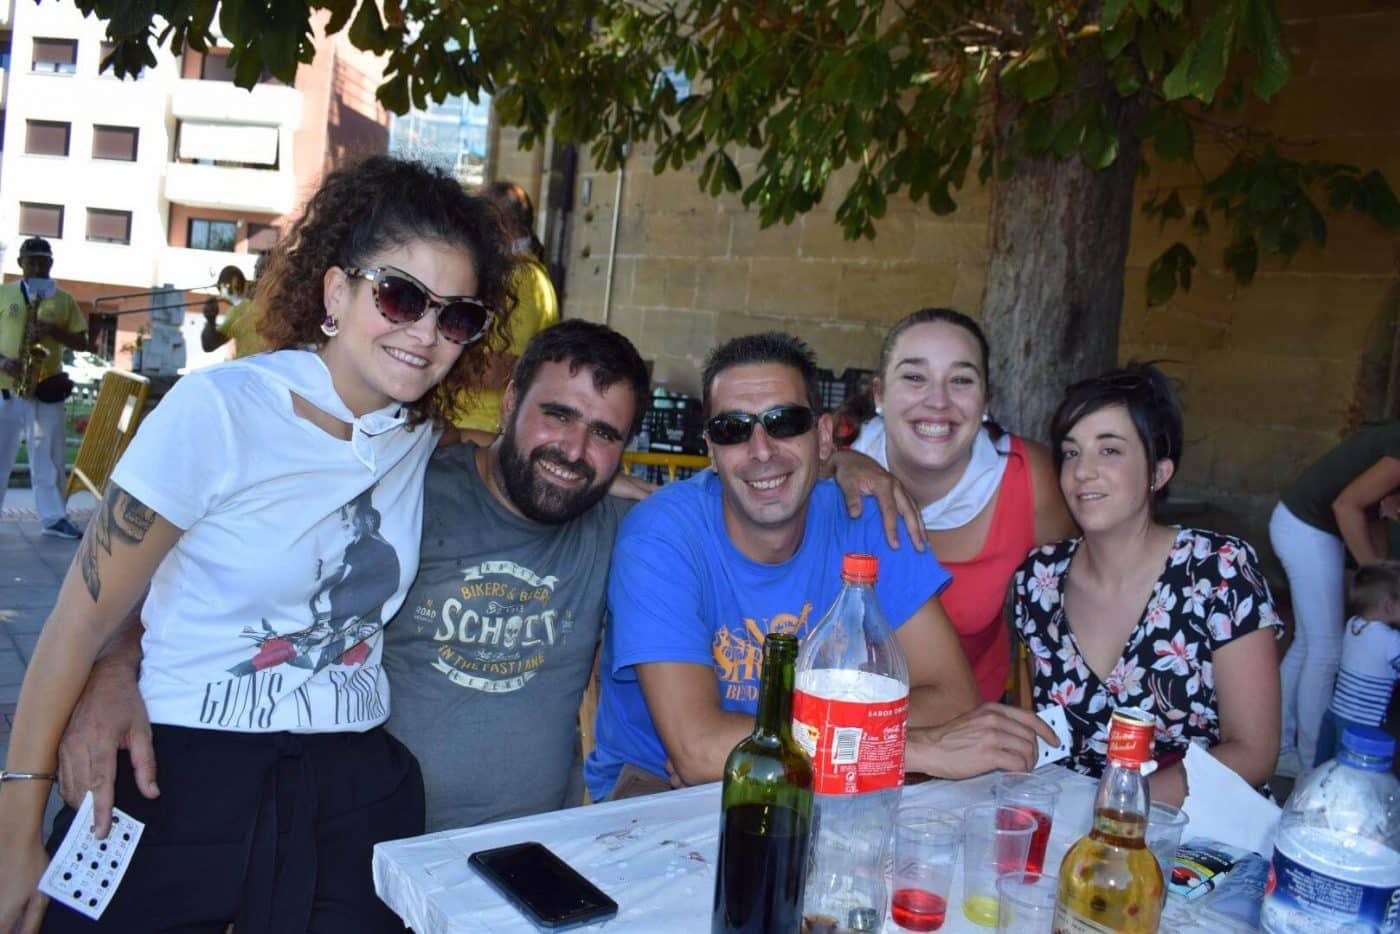 El soniquete binguero, colofón a la comida de hermandad del Barrio de las Huertas 36